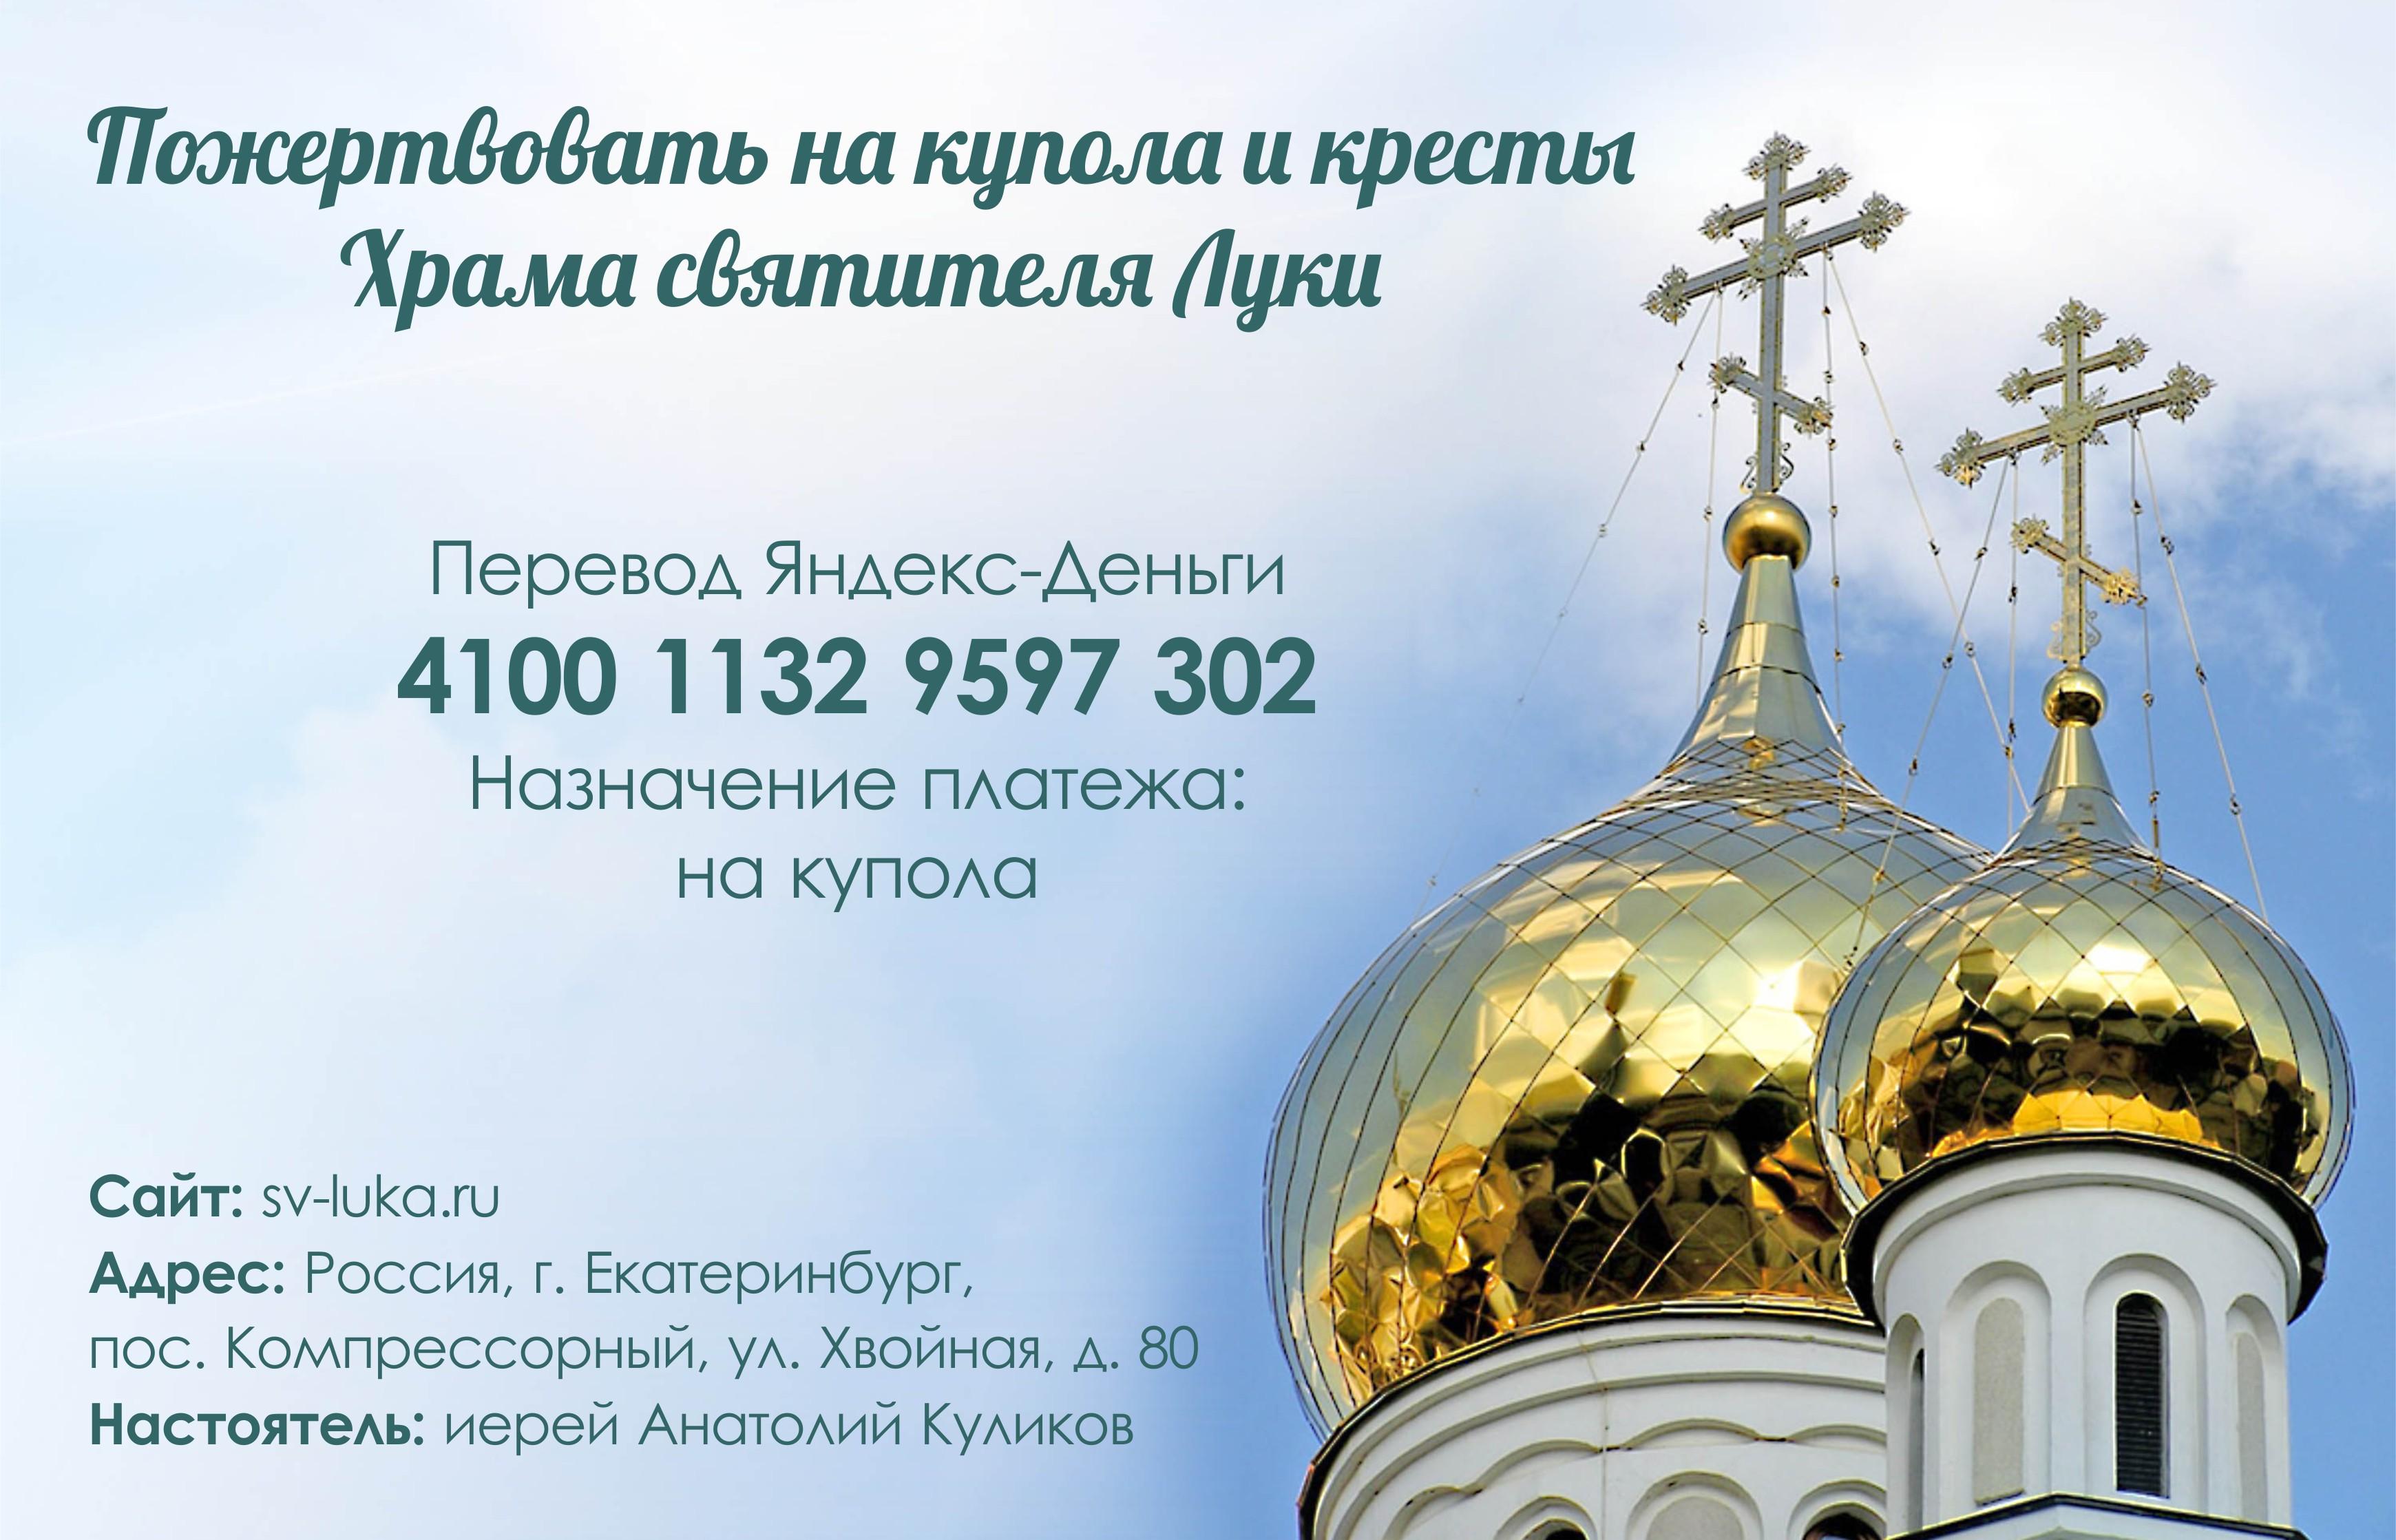 Яндекс-деньги